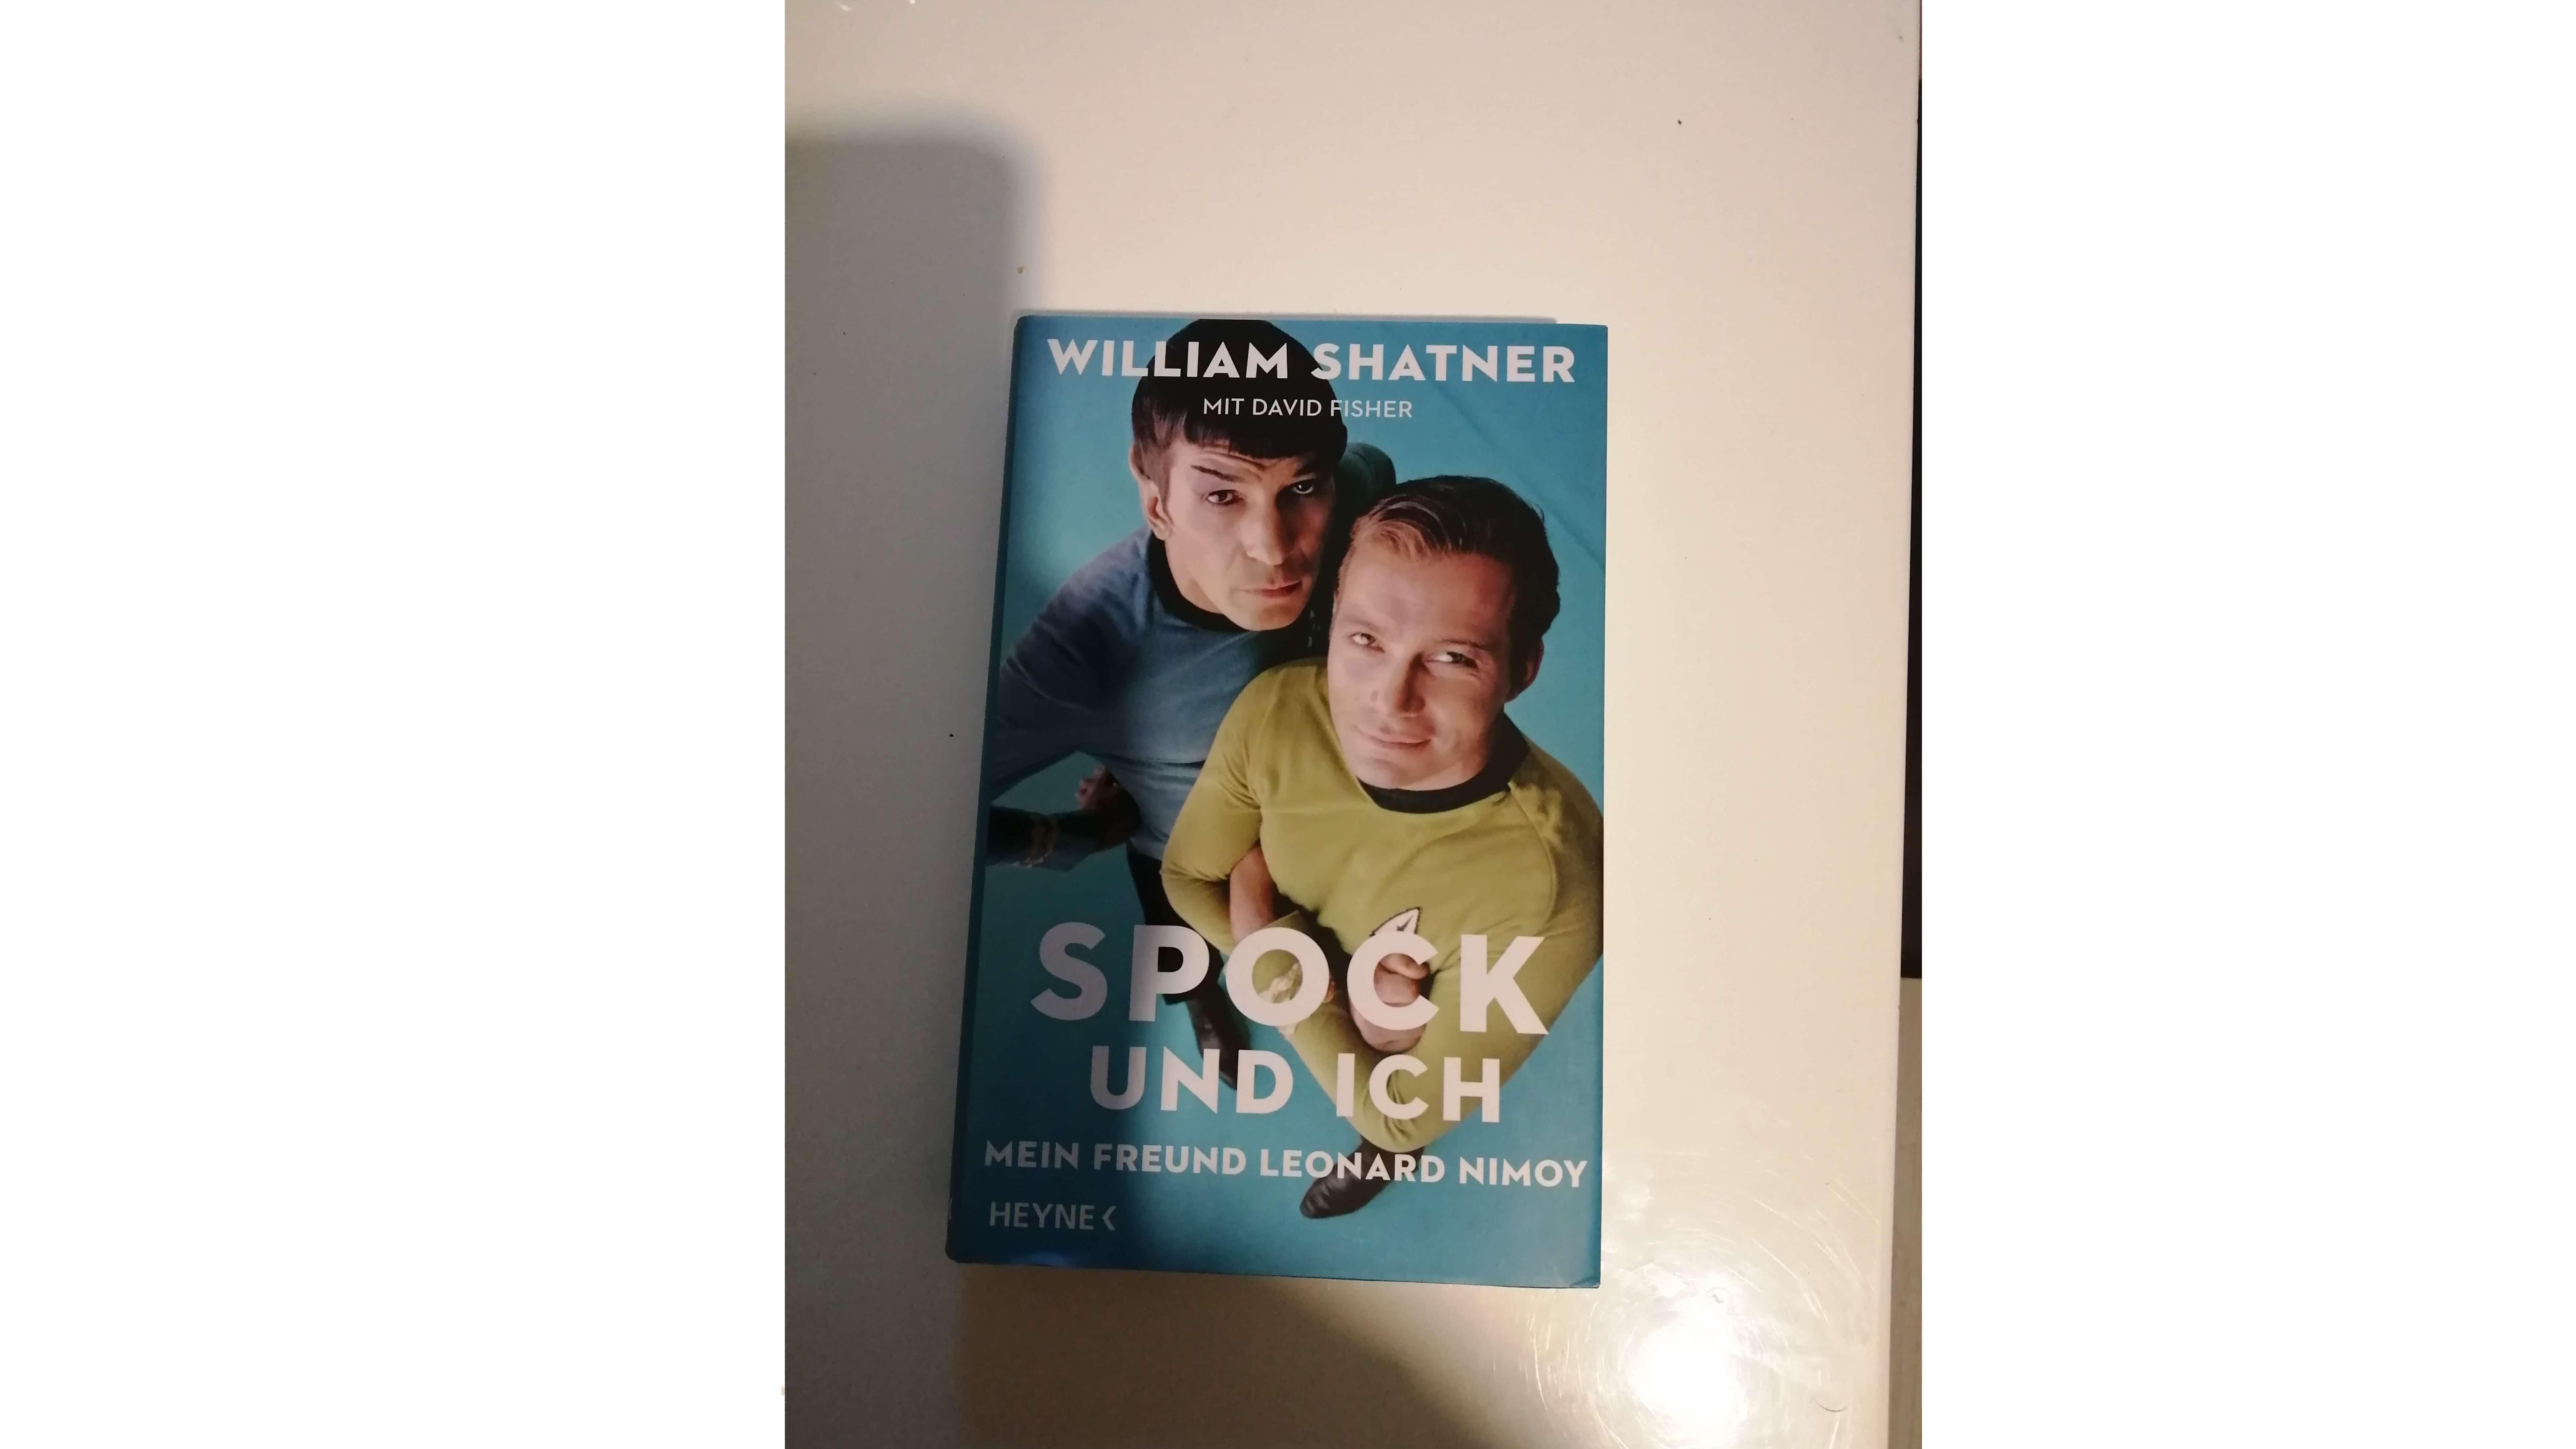 Verleihe Buch: Spock und ich - mein Freund Leonard Nimoy